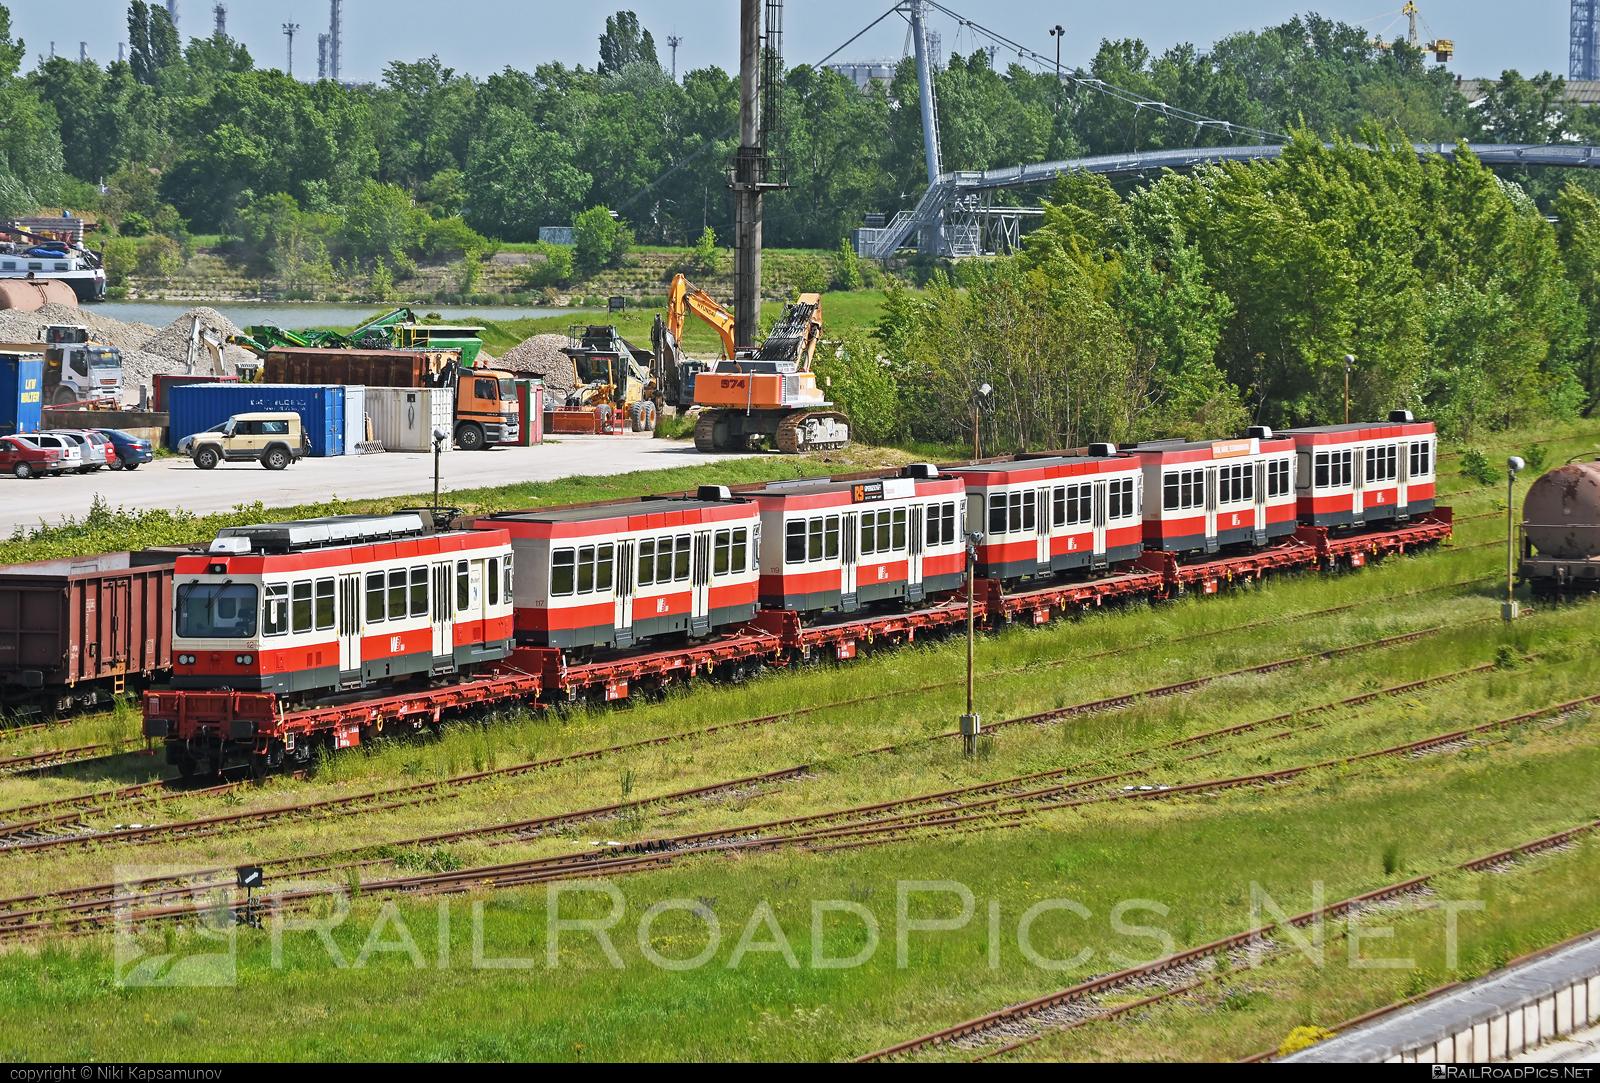 Schindler BDe 4/4 - 12 operated by Čiernohronská železnica n.o. #CiernohronskaZeleznica #Schindler #bde44 #schindlerbde44 #waldenburgerbahn